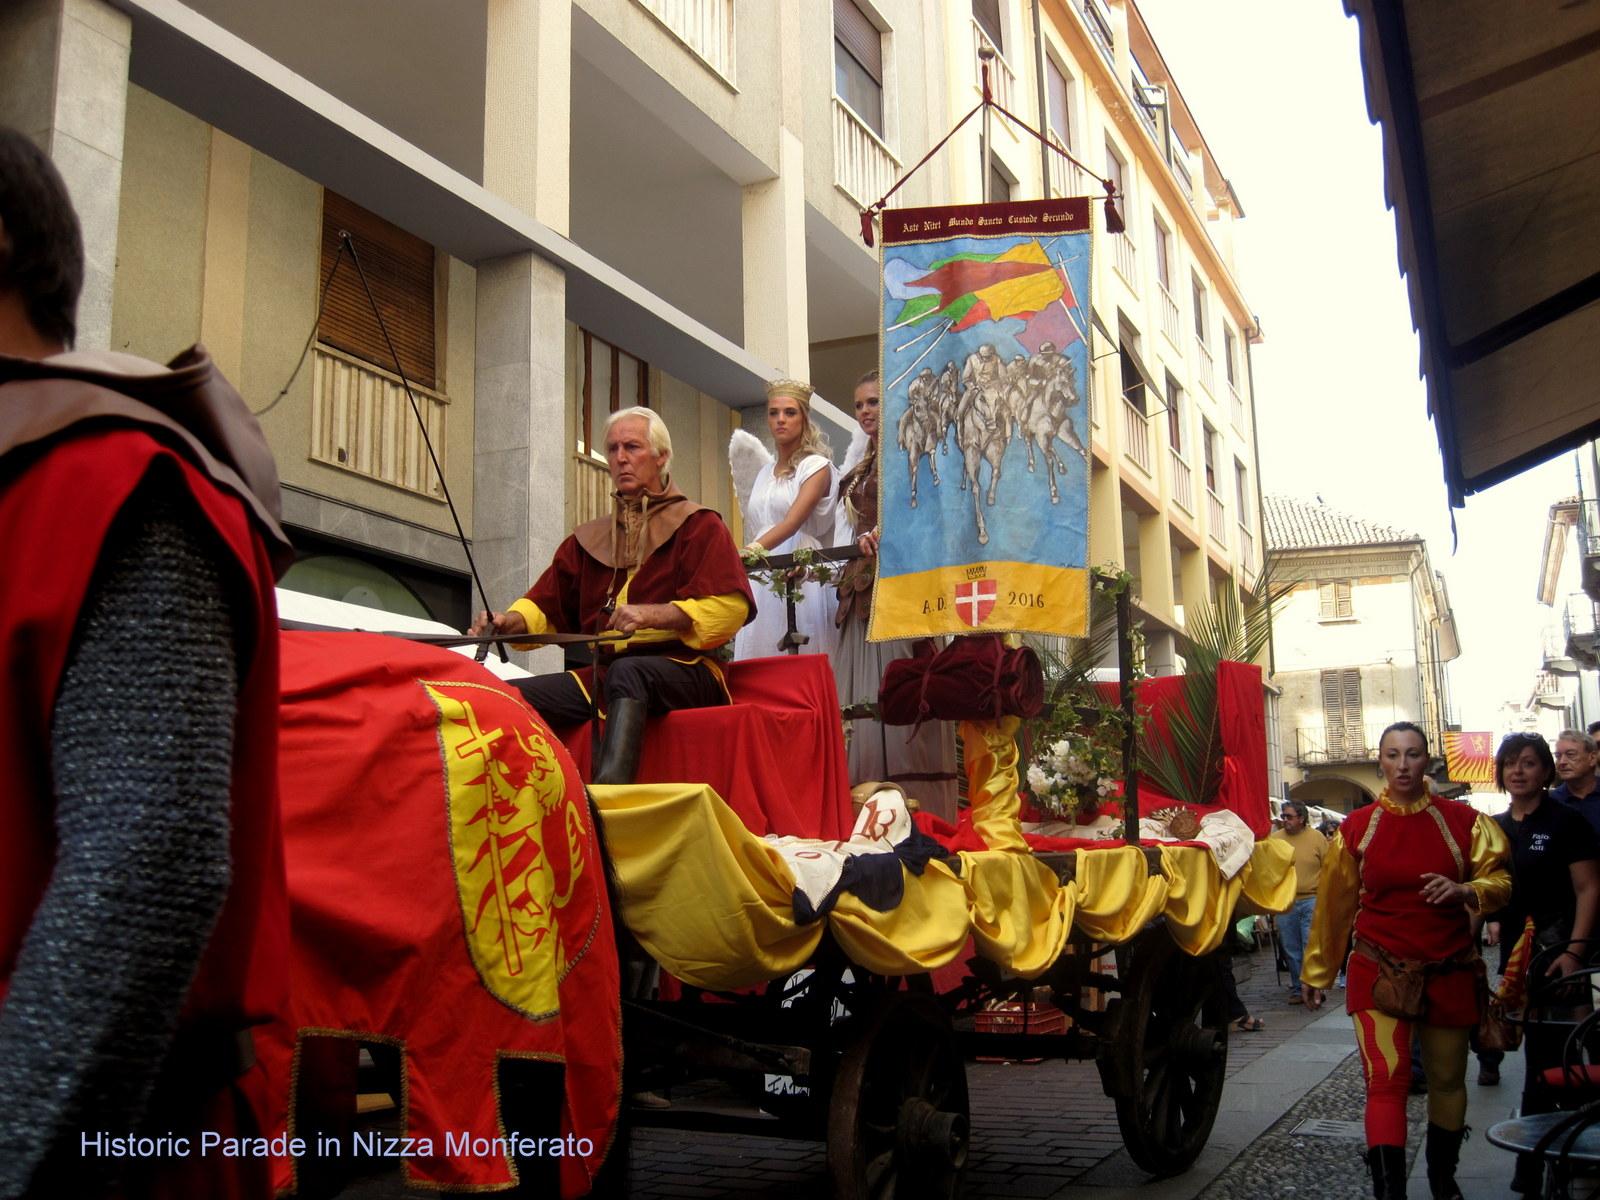 Historical Parade in Nizza Monferato